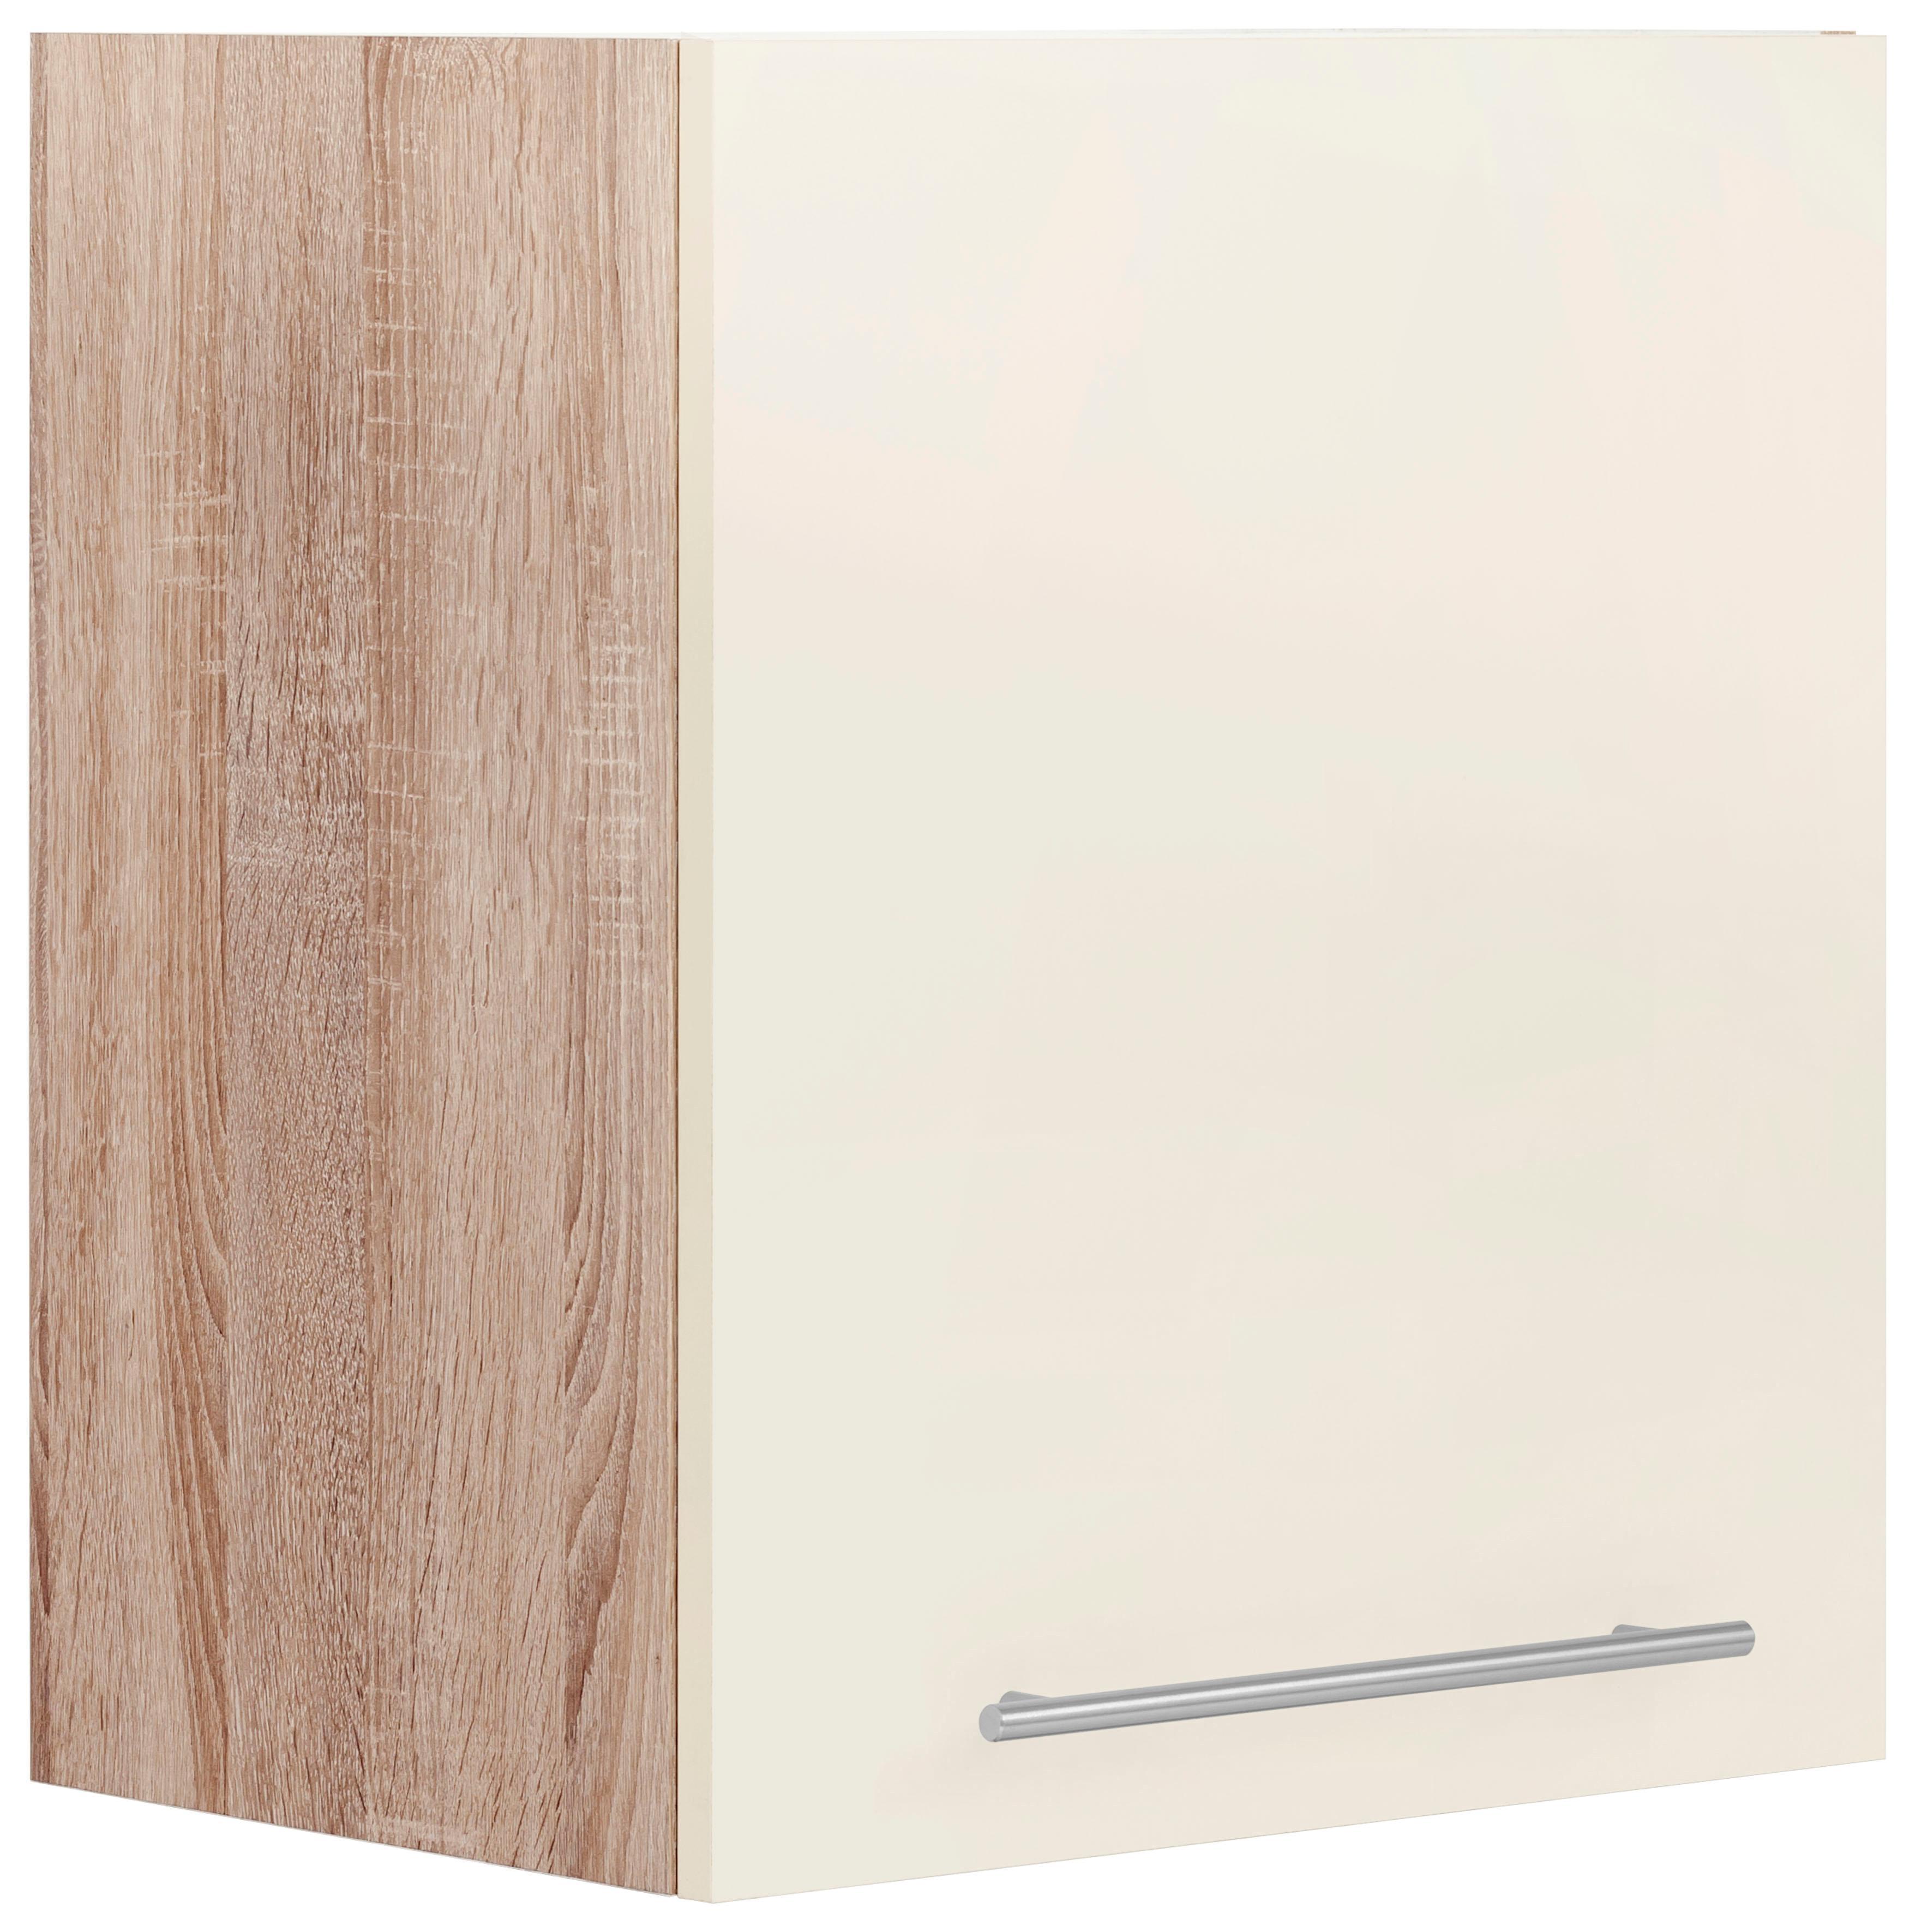 WIHO-Küchen Hängeschrank Flexi2 Breite 50 cm | Küche und Esszimmer > Küchenschränke > Küchen-Hängeschränke | Melamin | Wiho Küchen